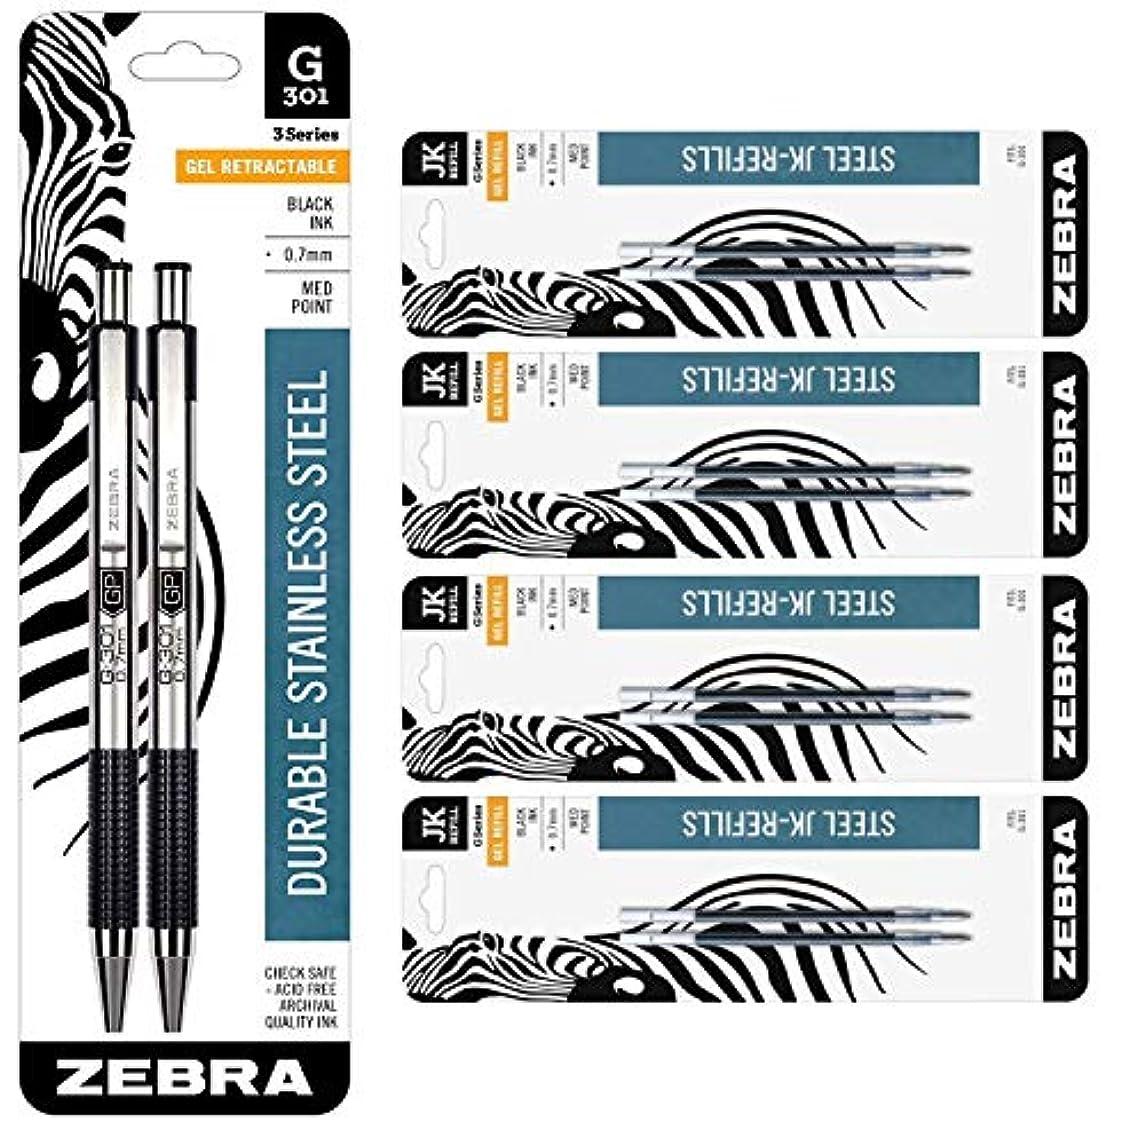 Zebra Pen G-301 Stainless Steel Retractable Gel Pen, Medium Point, 0.7mm, Black Ink, 2-Count Bundle with 8 Pen Refills, 0.7mm